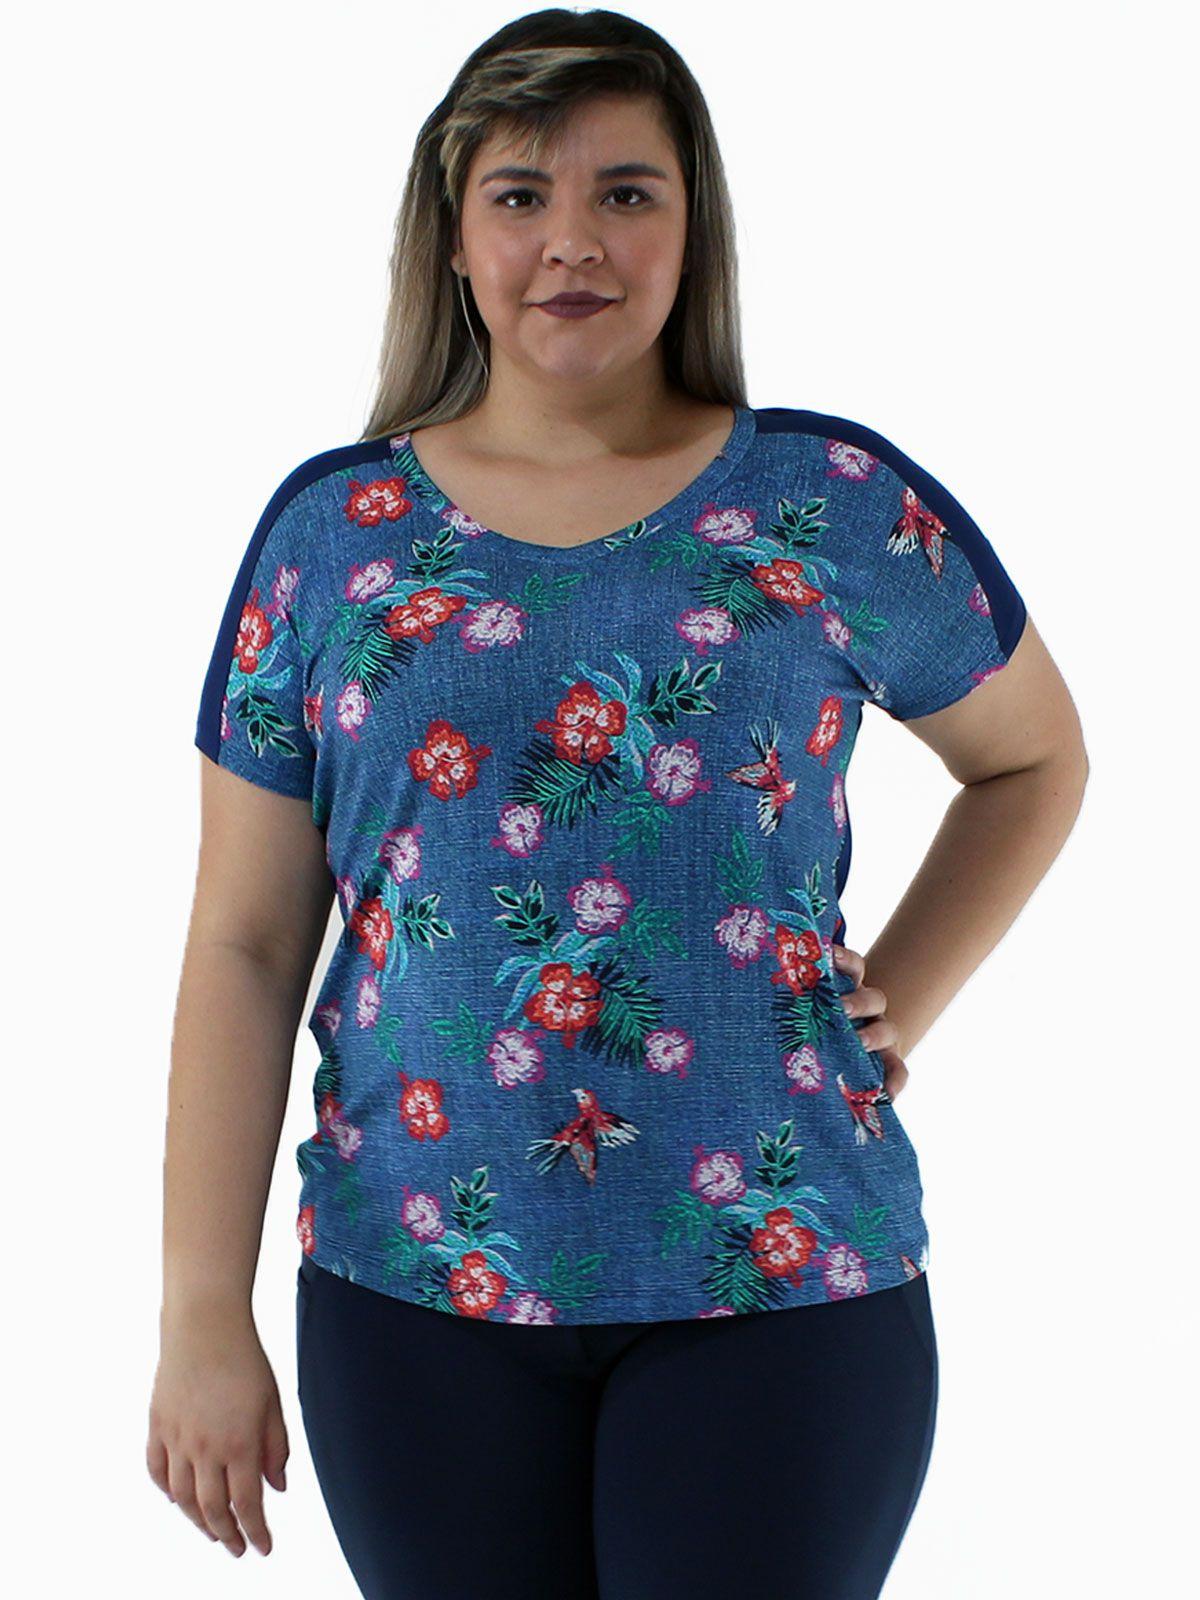 Blusa Plus Size Decote em V. Frente Estampada KTS Azul Jeans